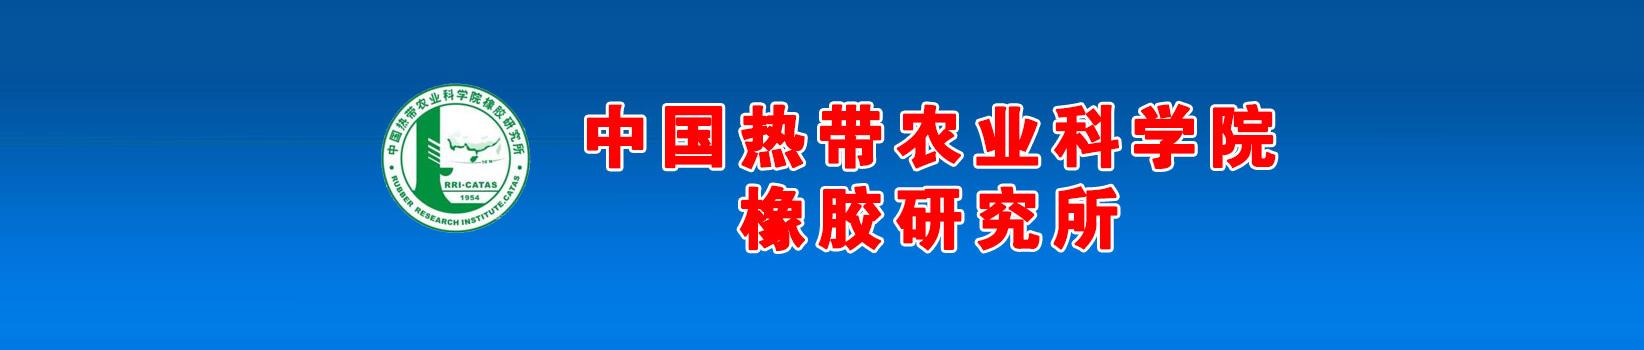 中国热带农业科学院橡胶研究所2018年度第二批公开招聘人员公告